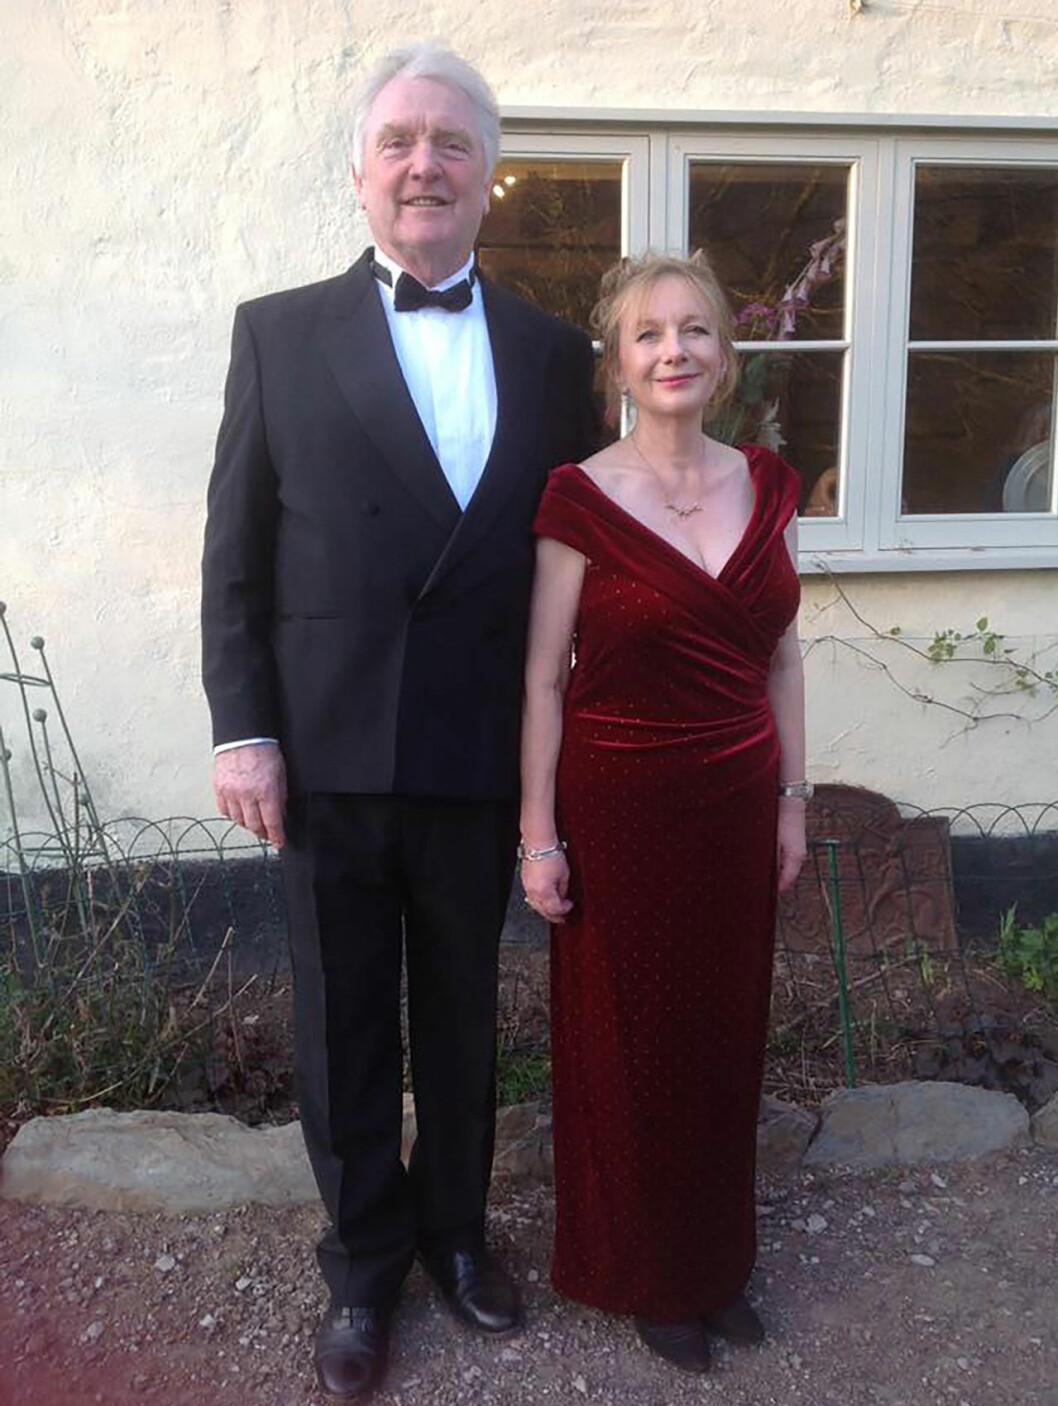 John och Debbie Zurick.